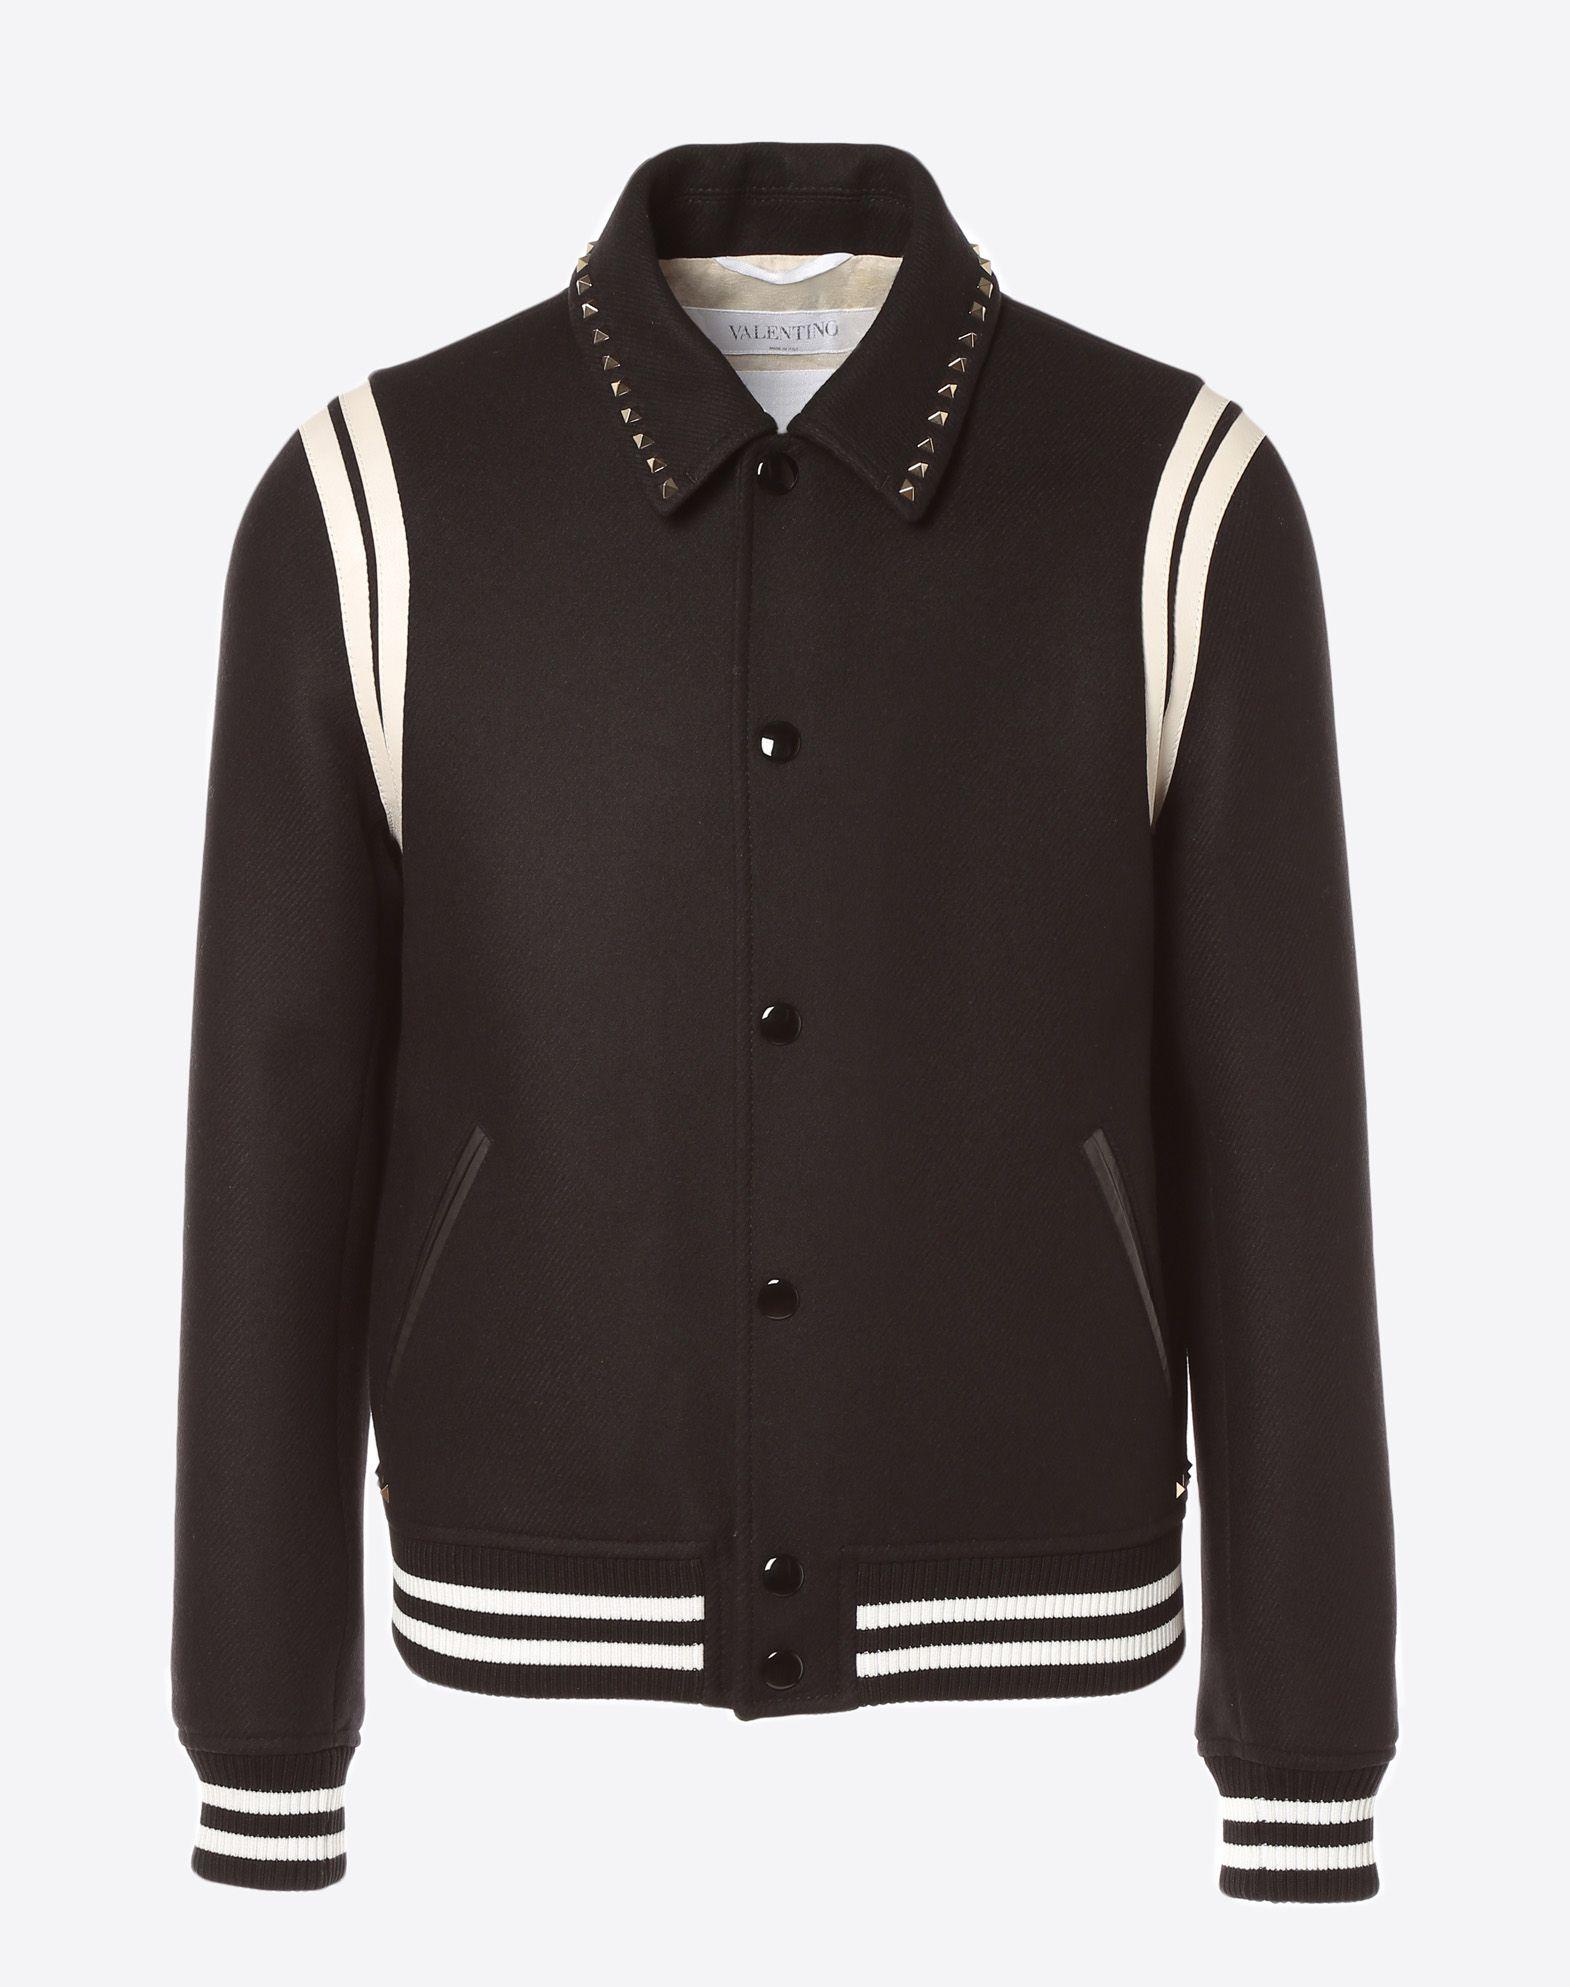 VALENTINO Rockstud Untitled Varsity Jacket JACKET U f